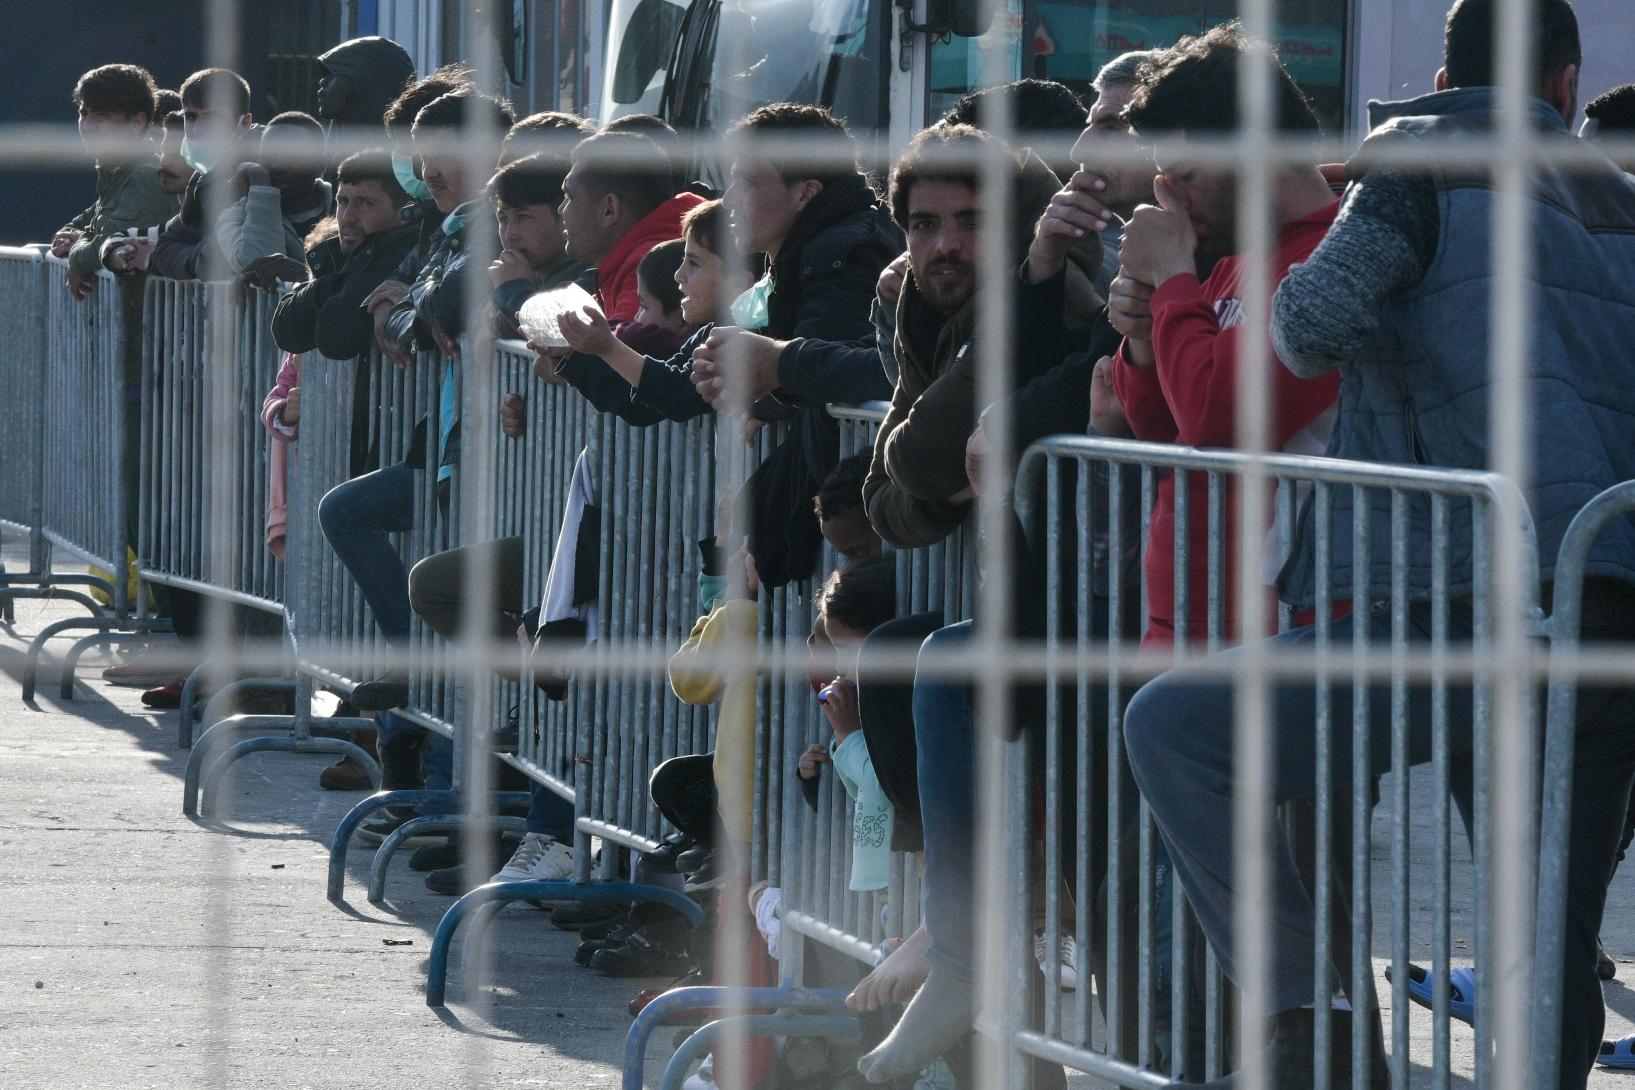 Συναγερμός στην ΕΕ μετά το πρώτο κρούσμα στη Λέσβο με τους 42.000 πρόσφυγες και μετανάστες